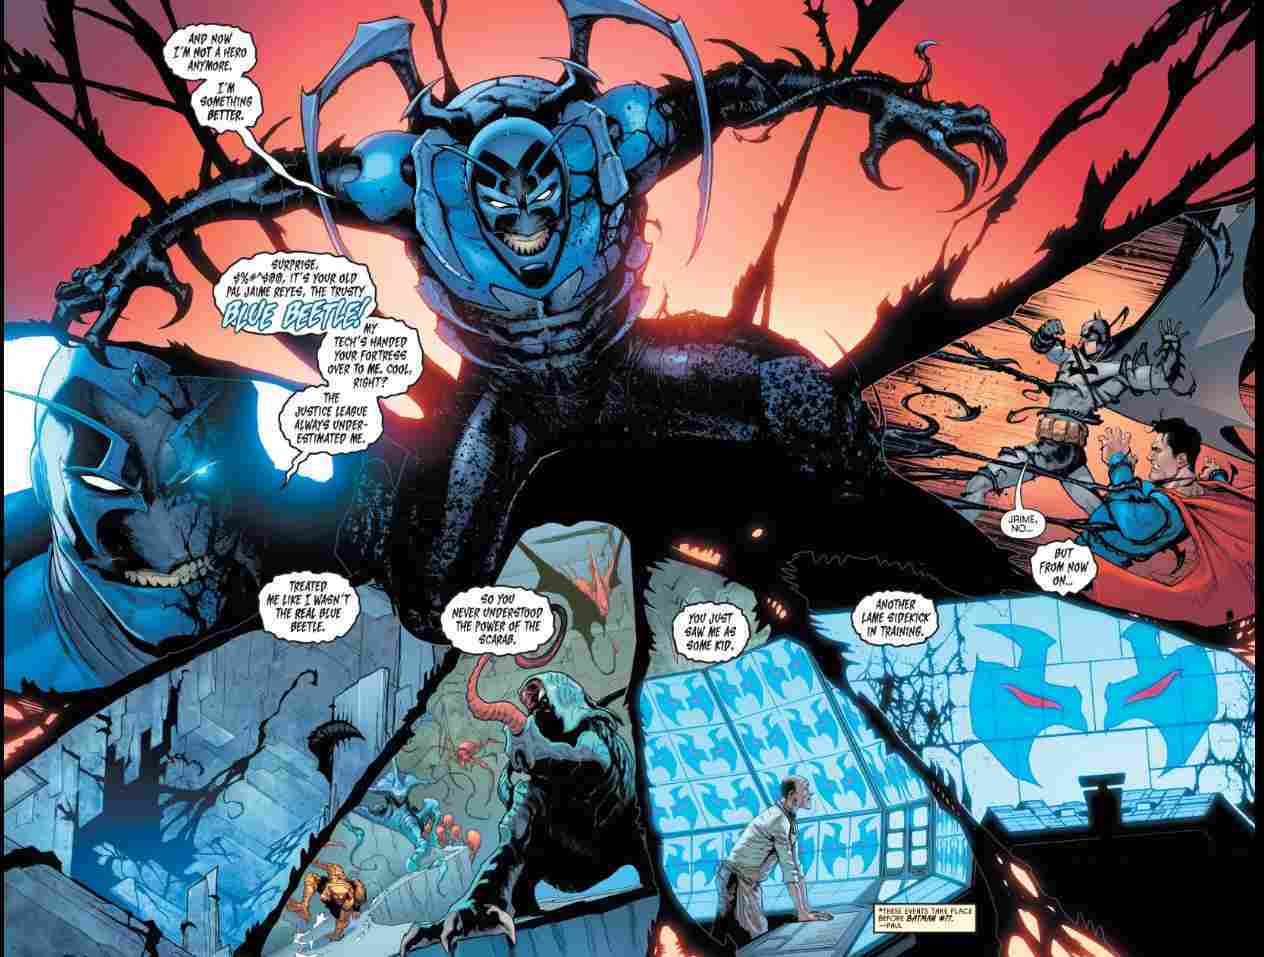 Blue Bettle Turns Evil